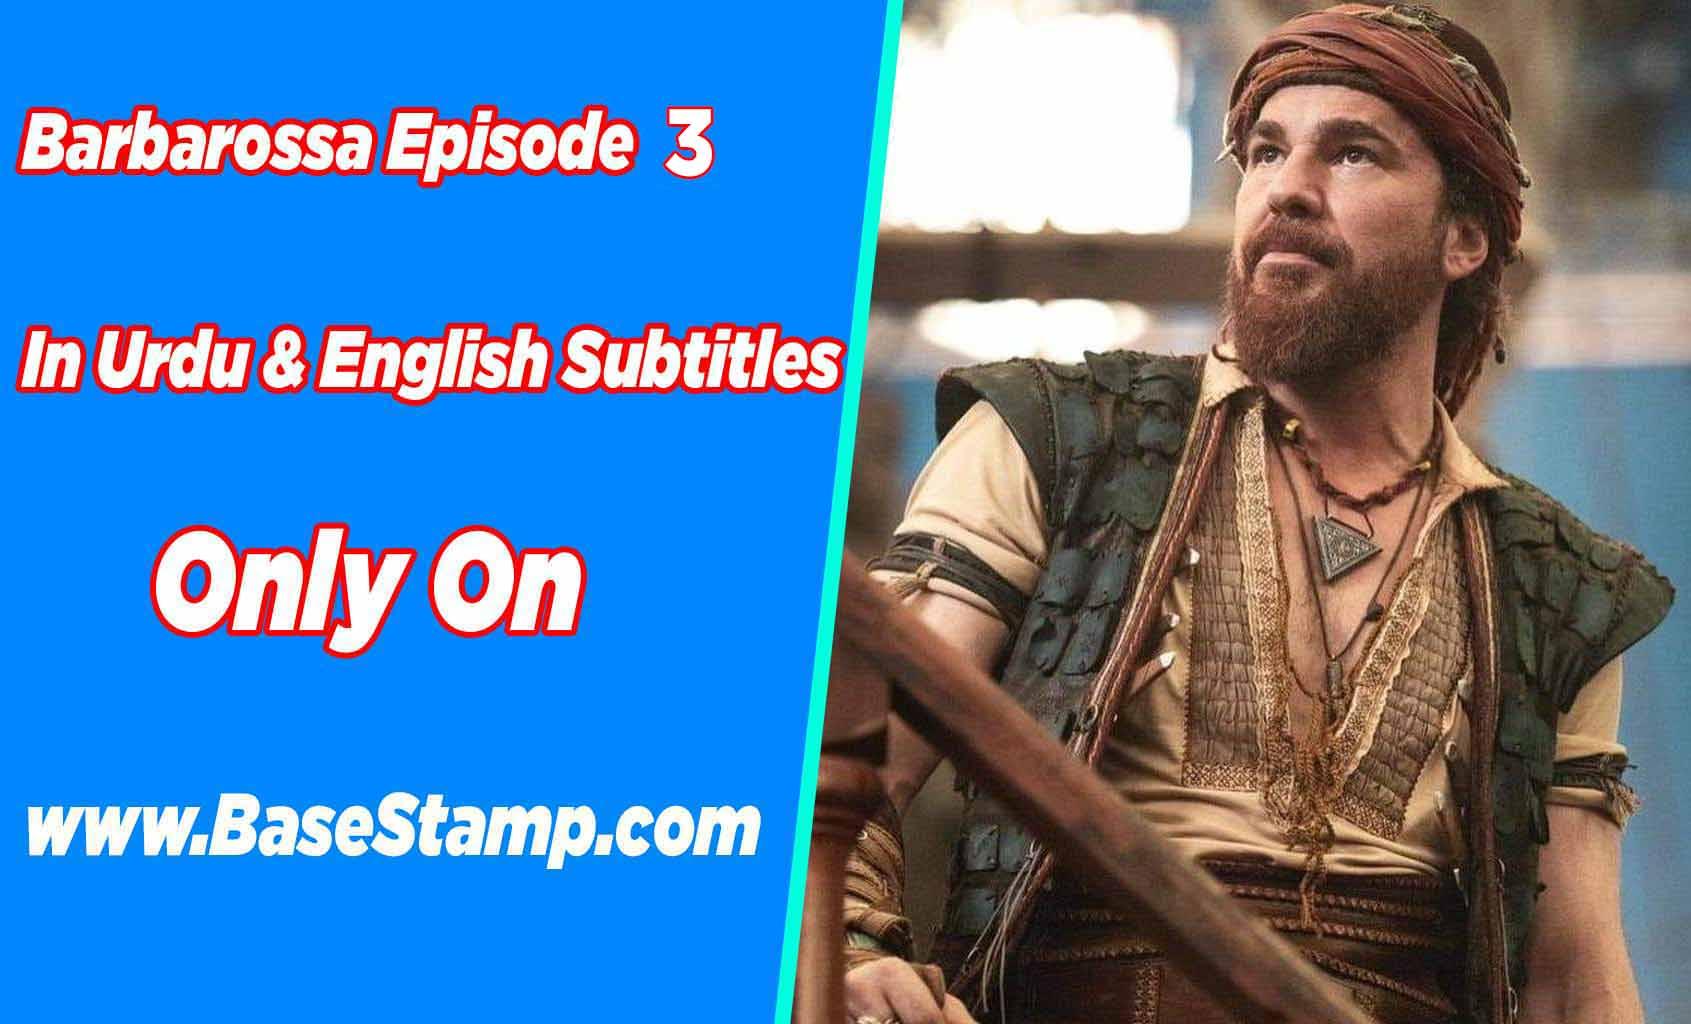 Barbarossa Episode 3 In Urdu & English Subtitles